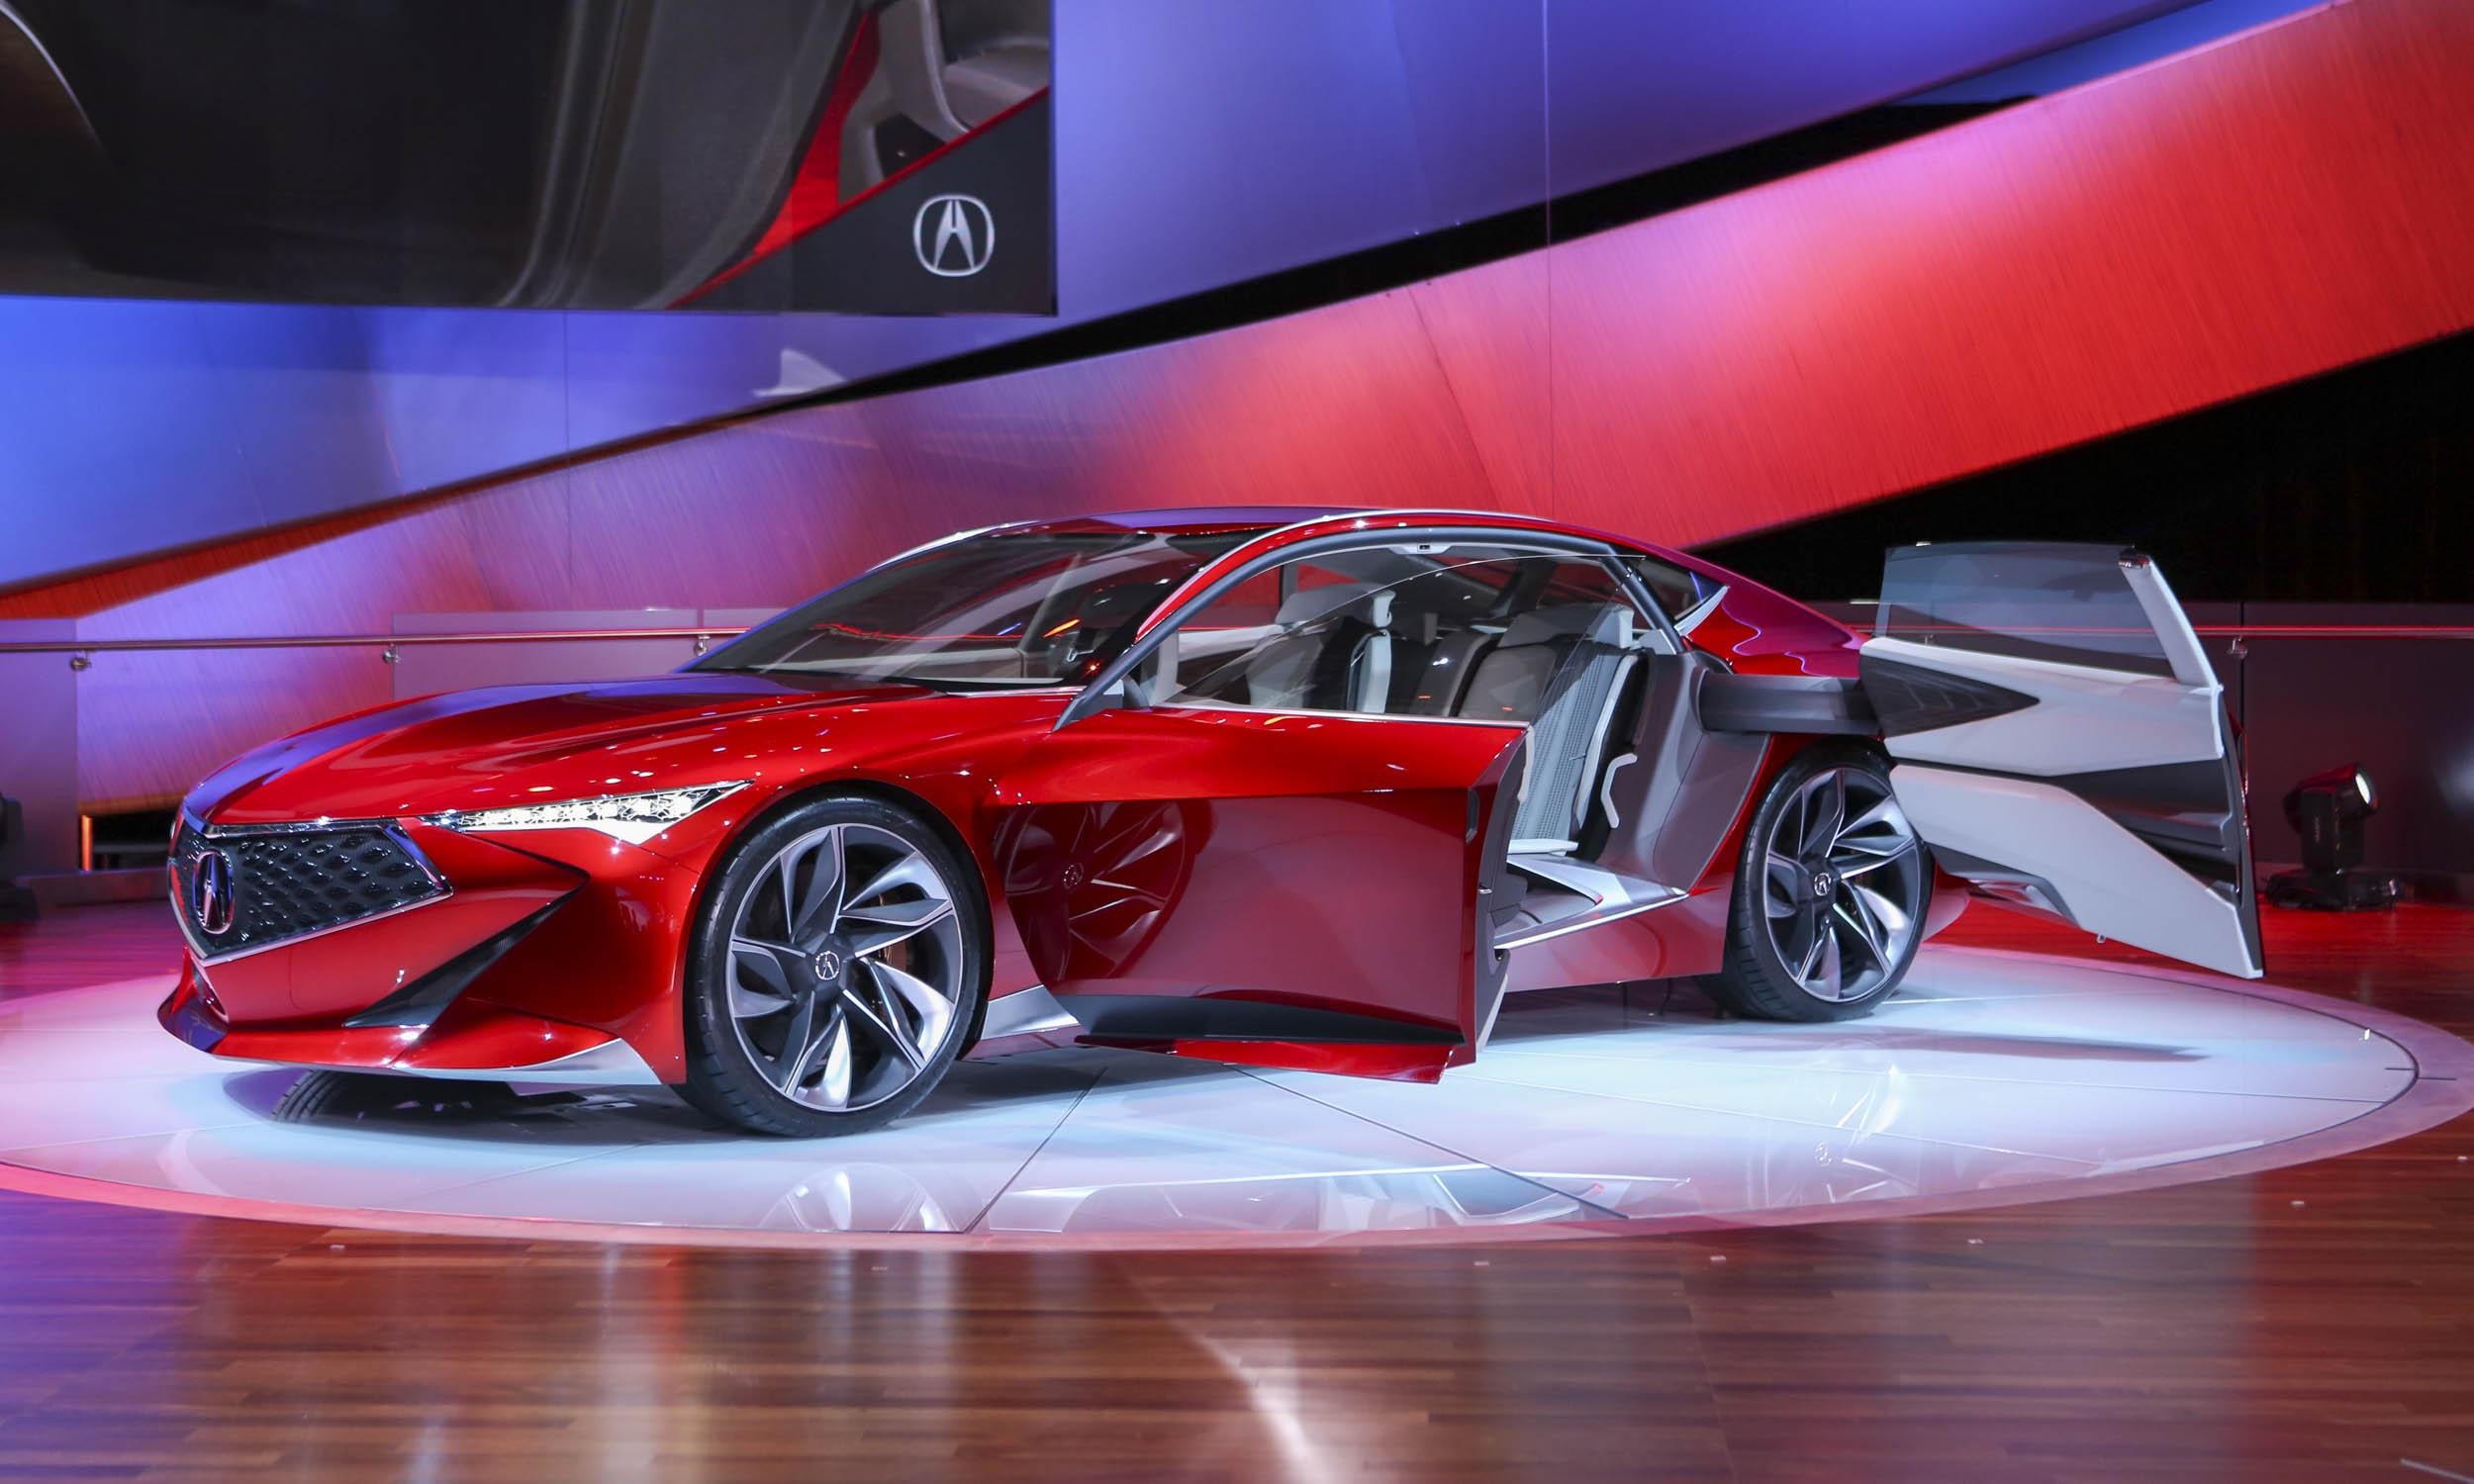 2016 Detroit Auto Show: Concept Cars